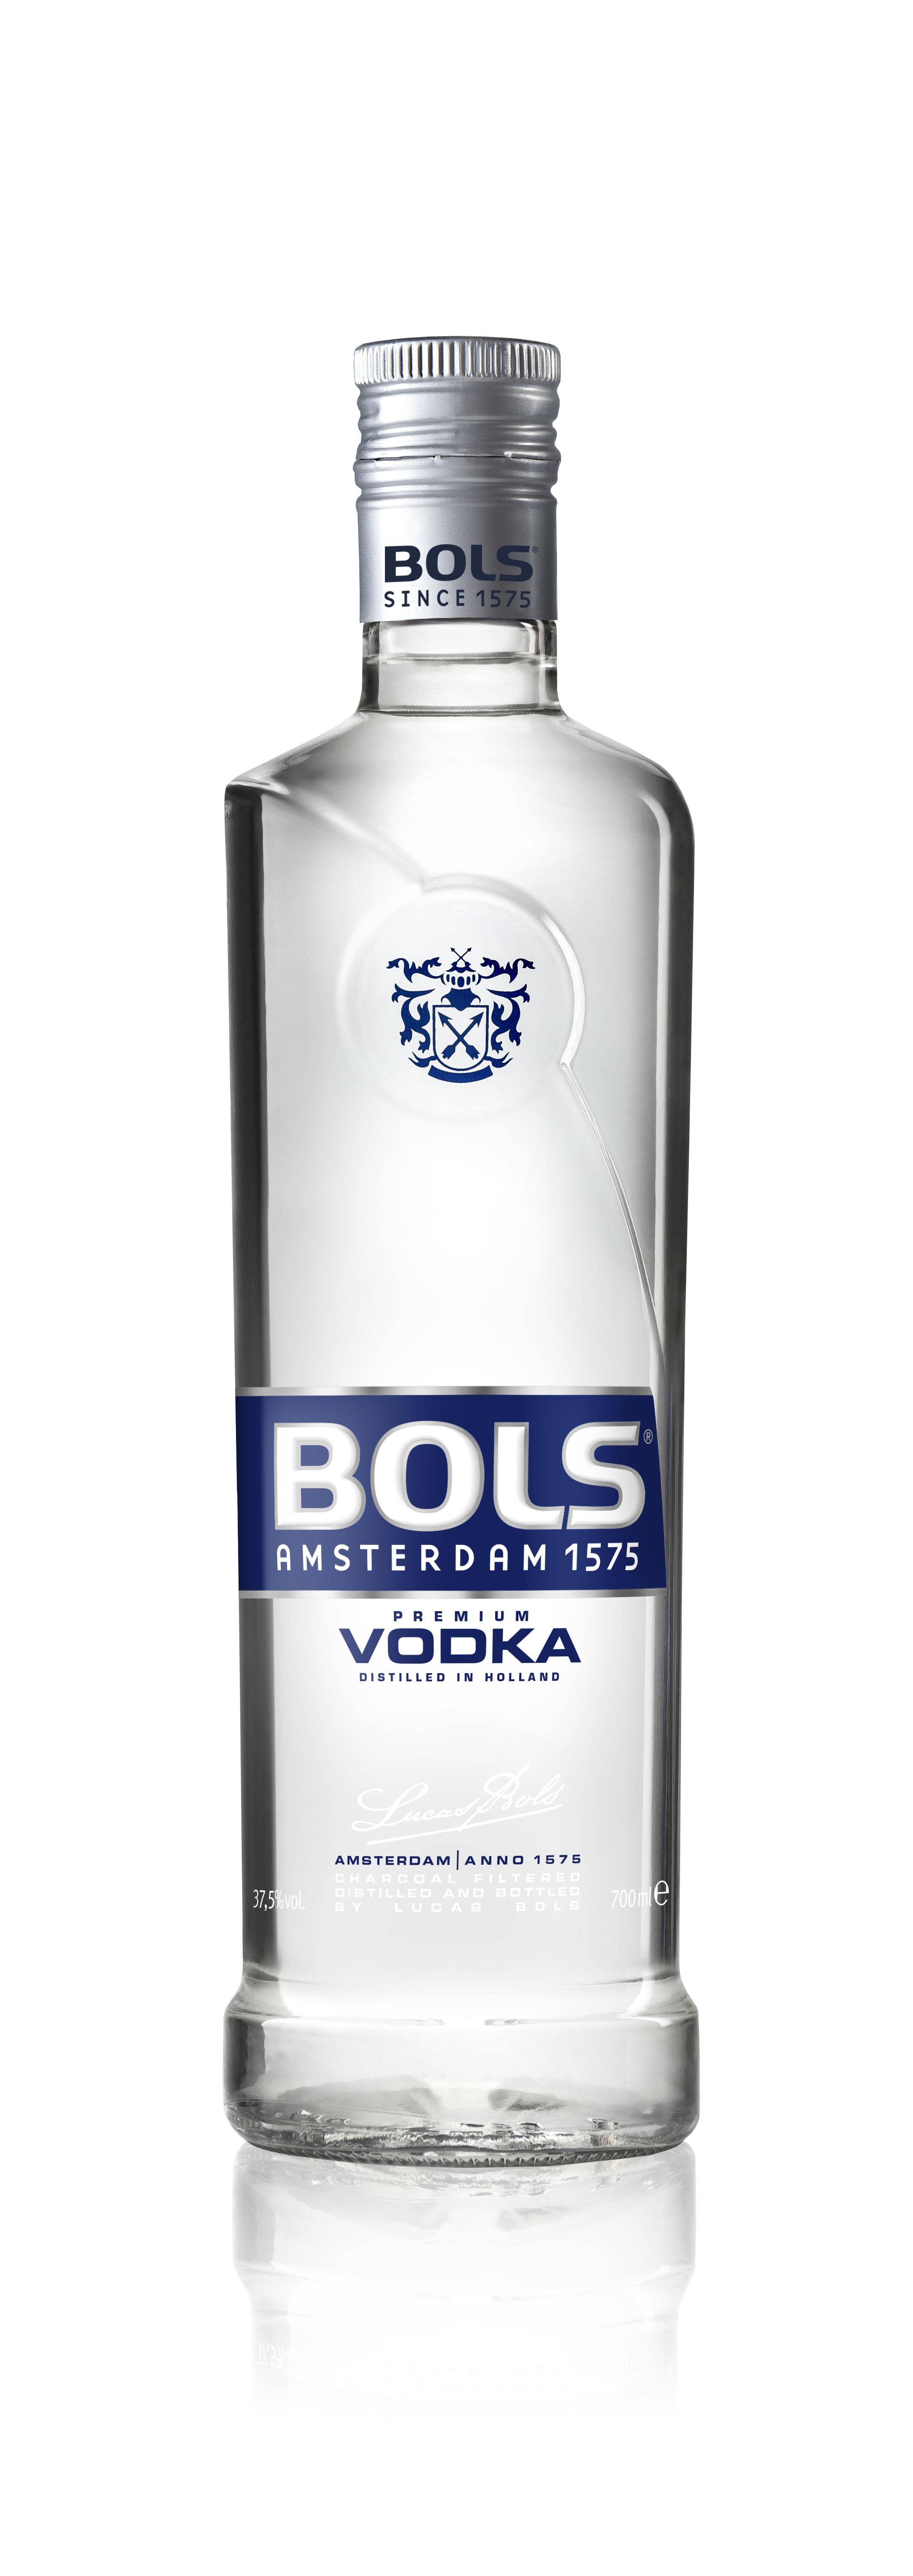 Bester vodka supermarkt